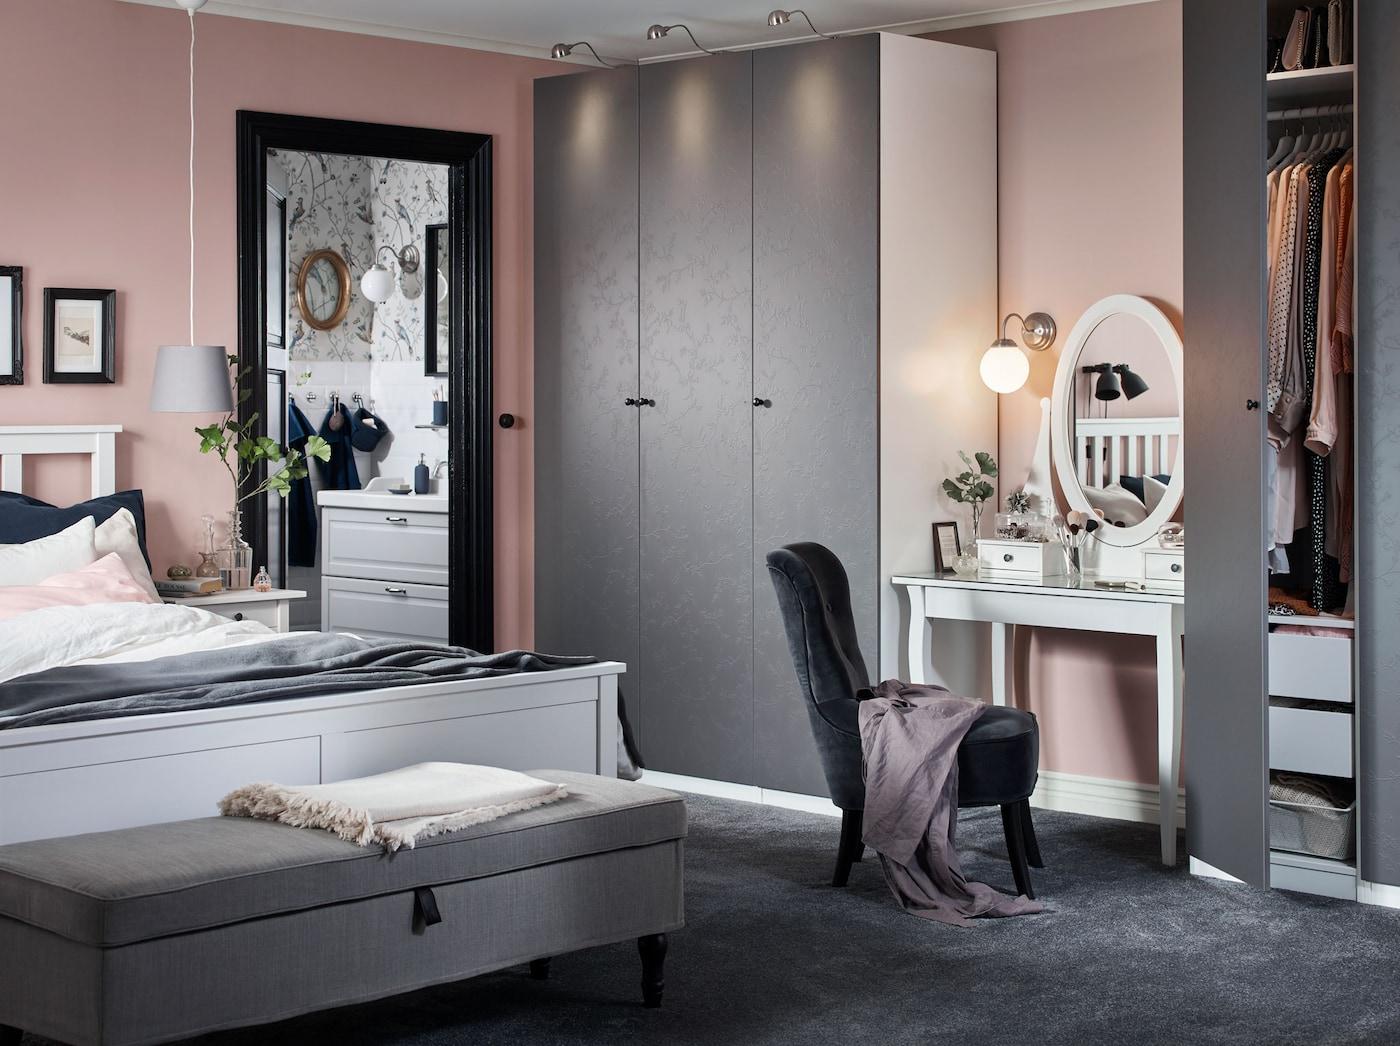 Schlafzimmer in rosa & grau dekorieren - IKEA